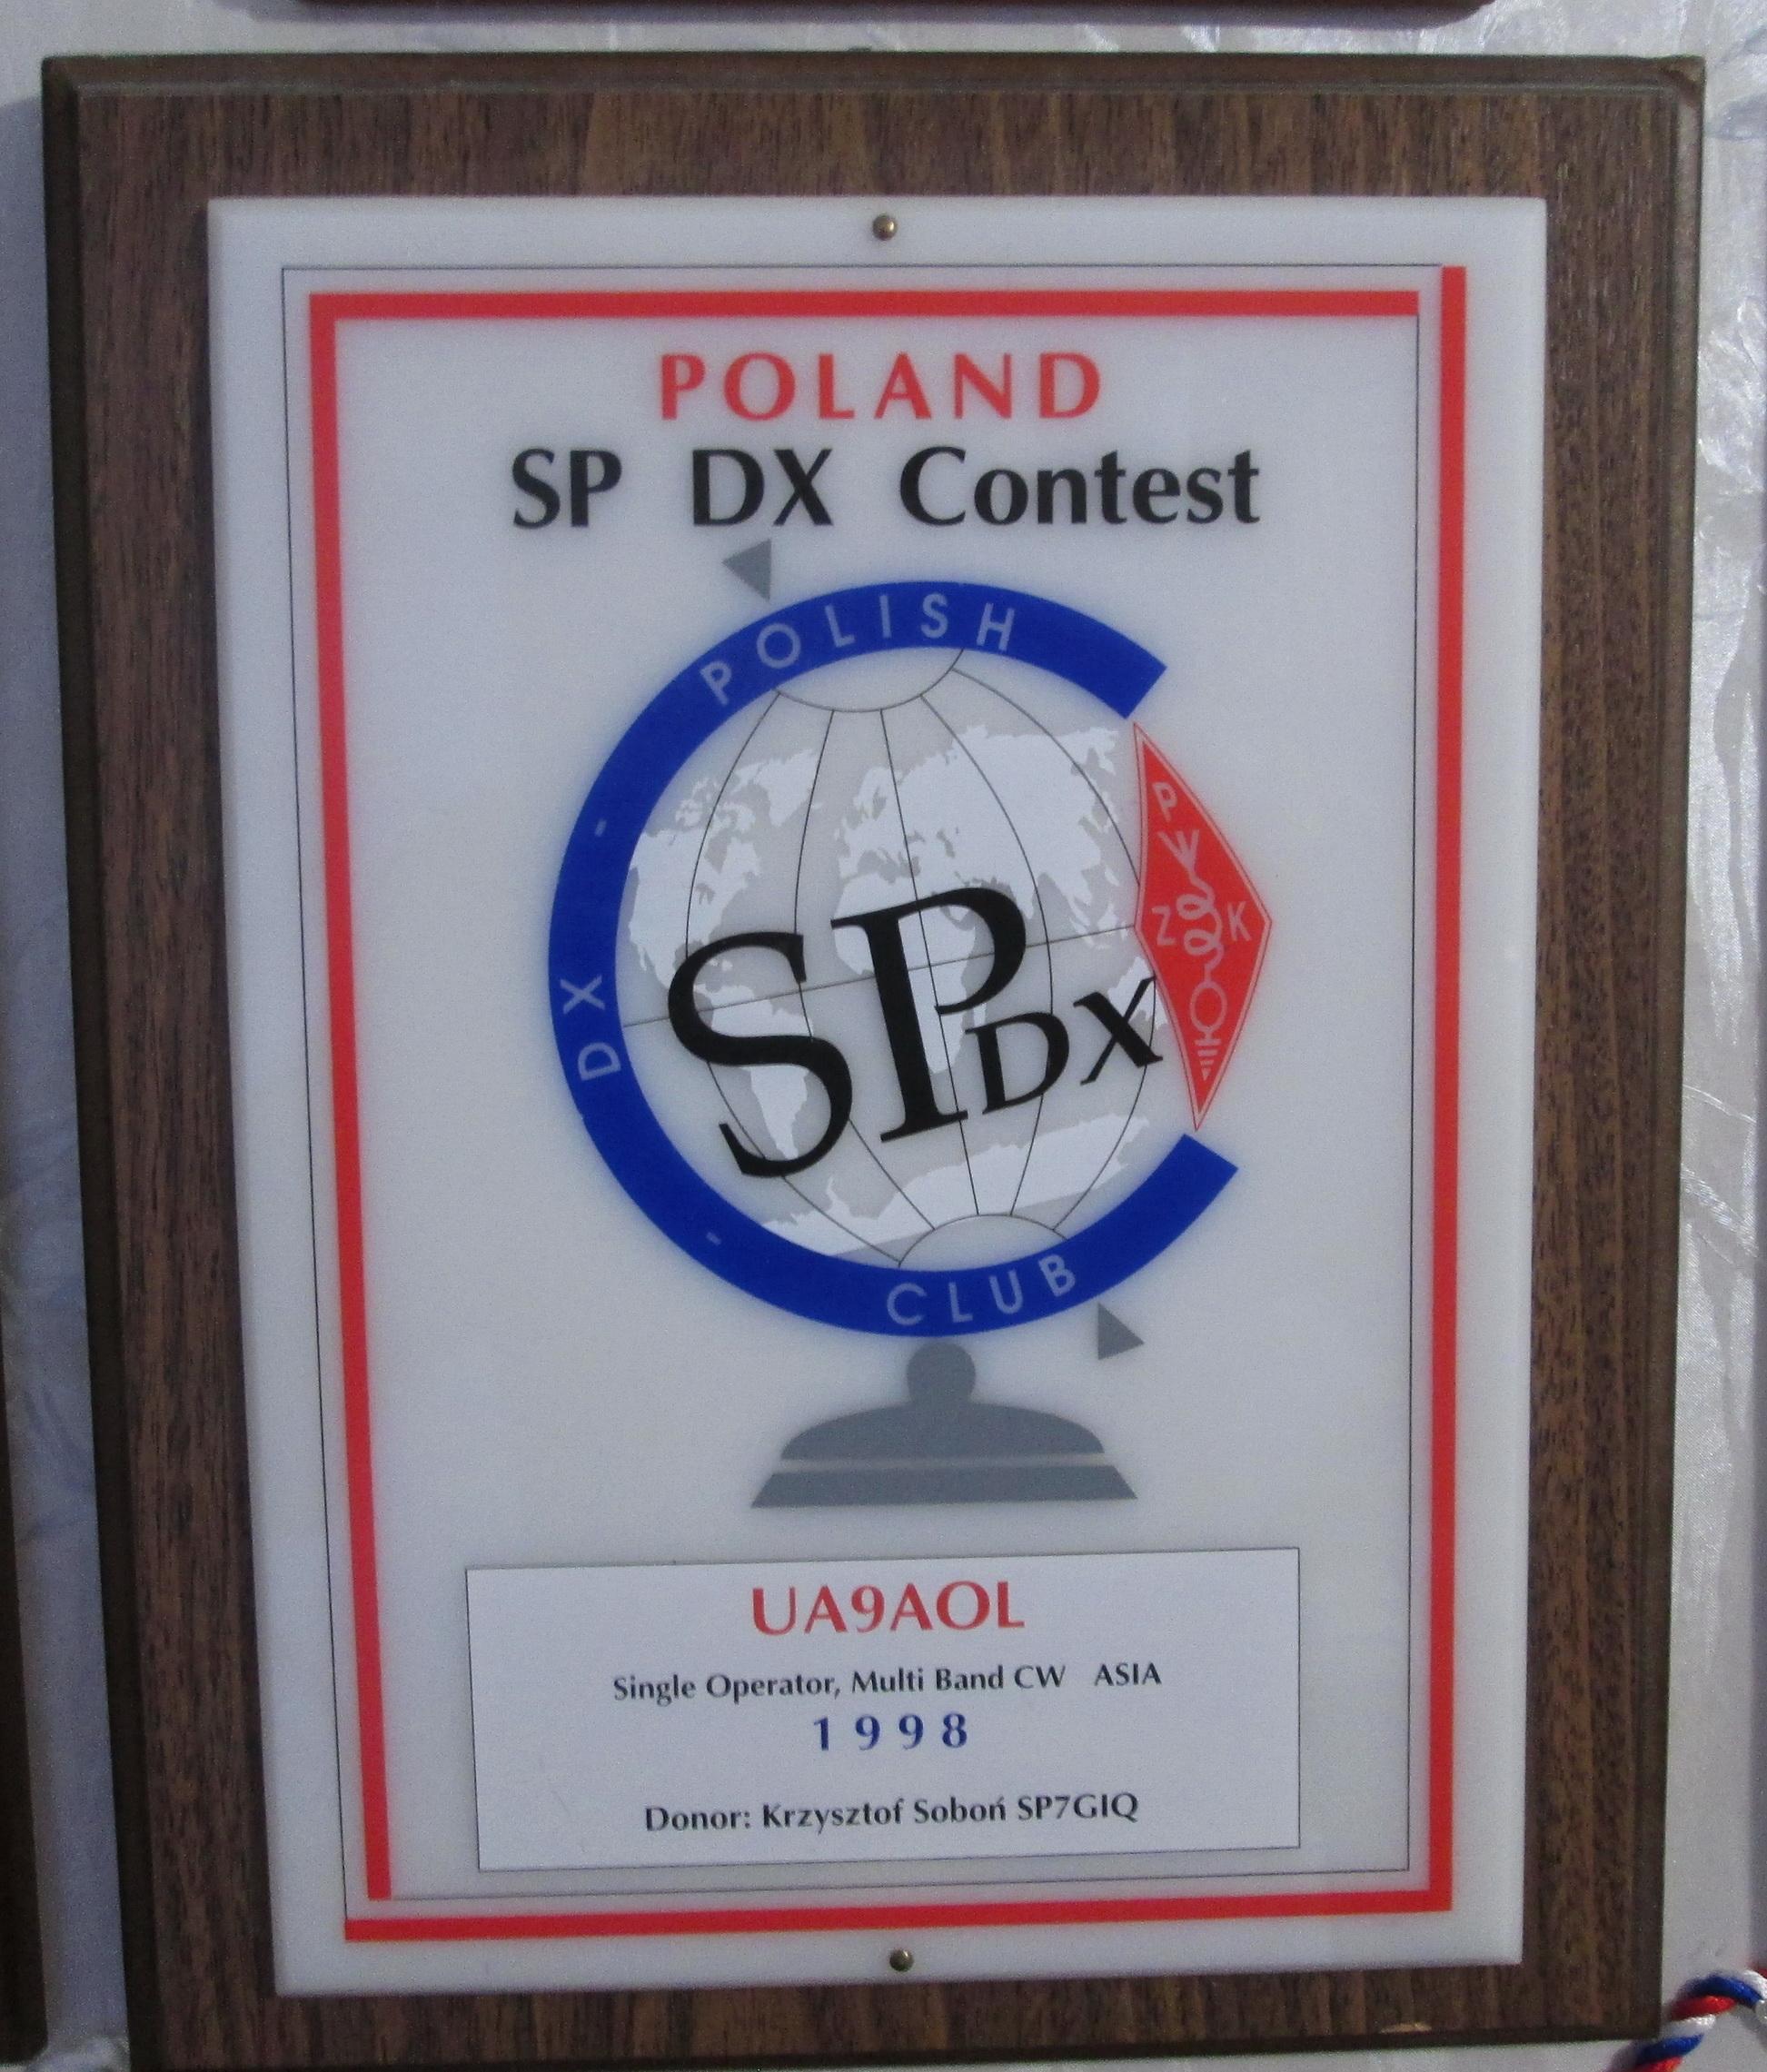 Нажмите на изображение для увеличения.  Название:Плакета_SP DX Contest 1998 г.jpg Просмотров:13 Размер:1.26 Мб ID:208973